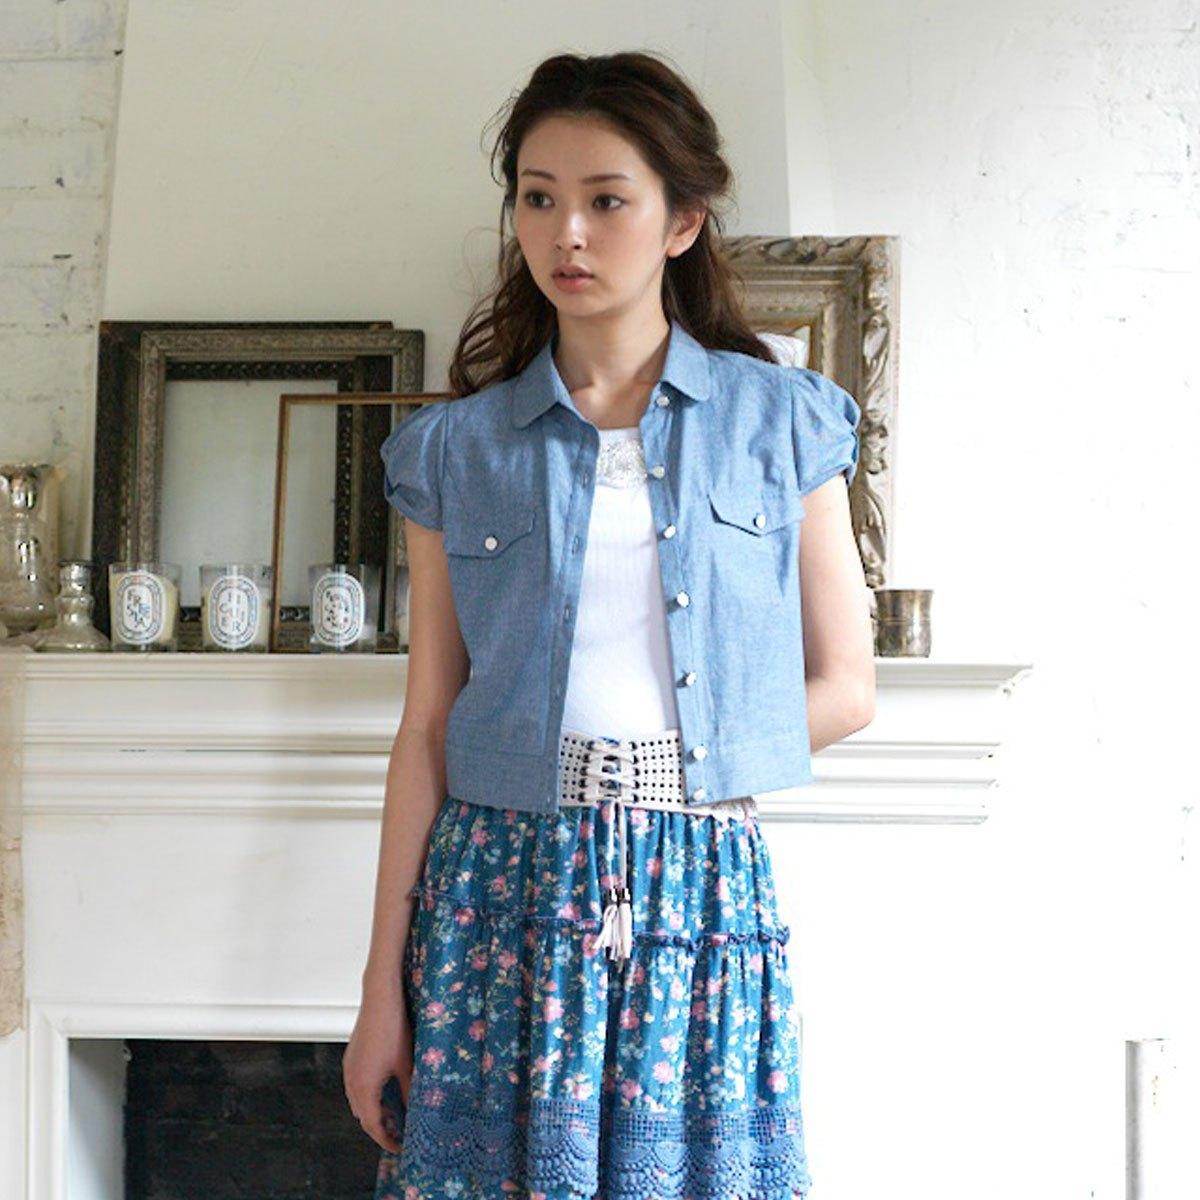 женская рубашка Goelia 103r314 2011 Повседневный Короткий рукав Однотонный цвет